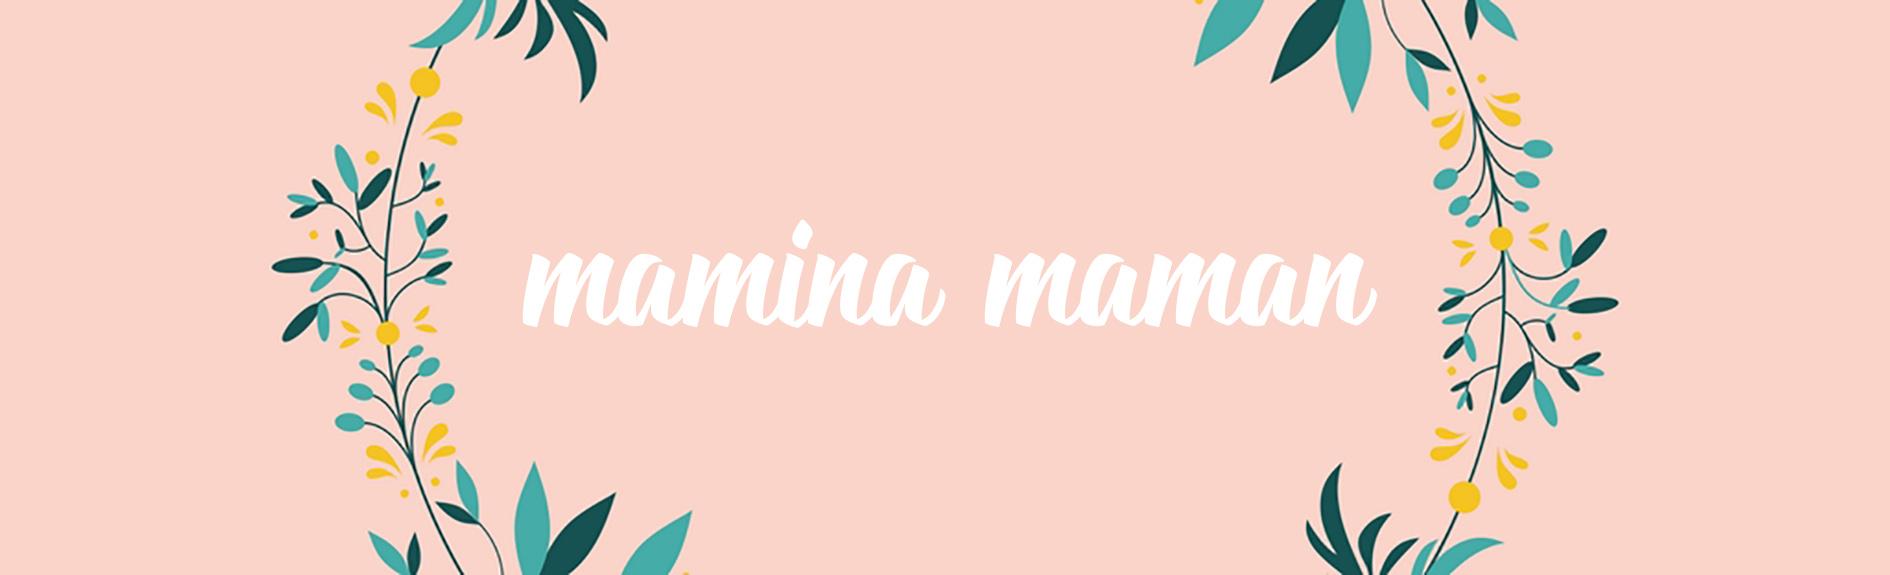 mamina-maman